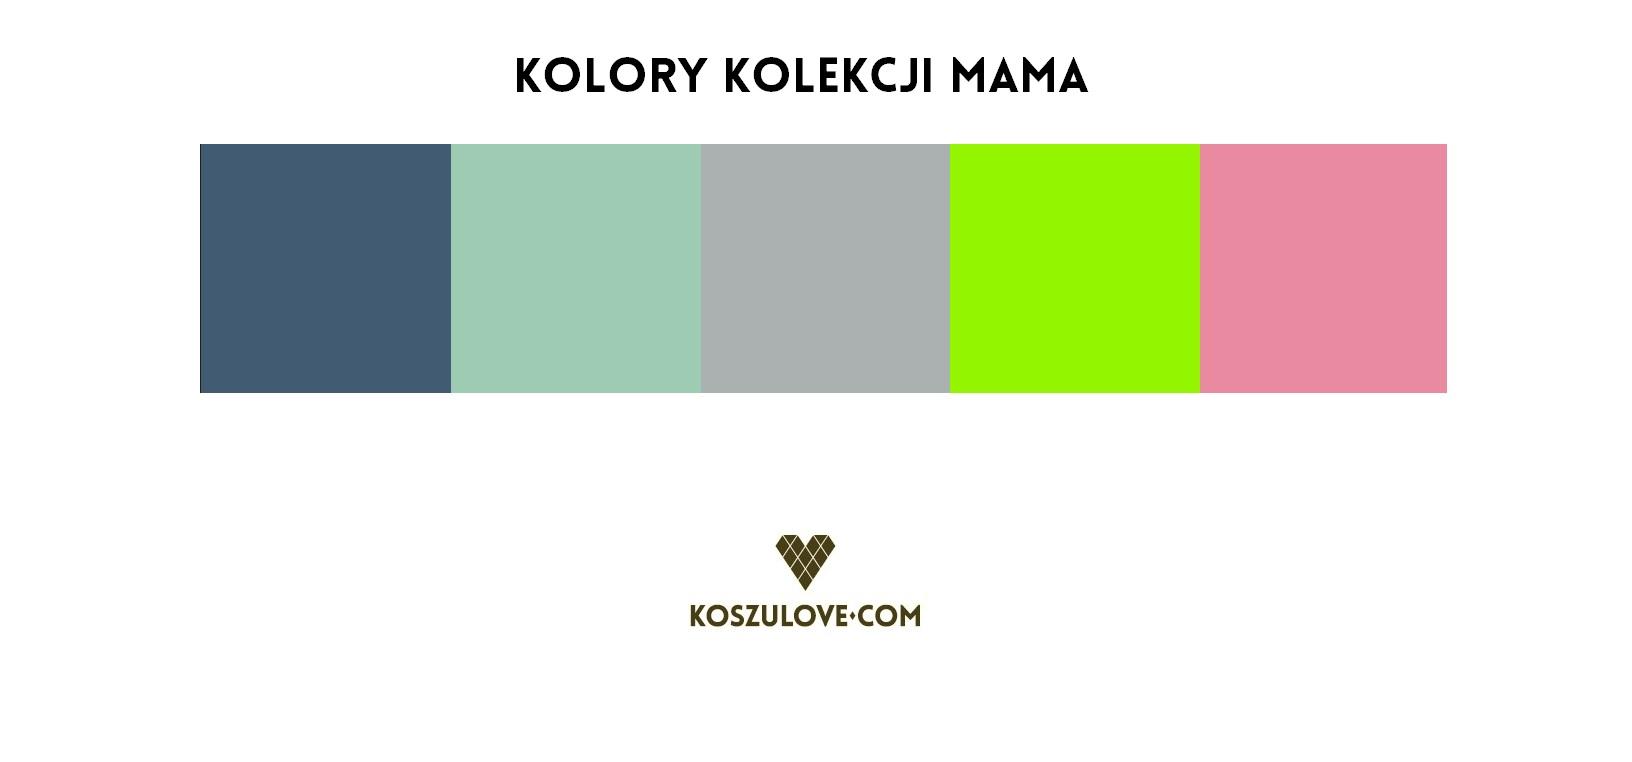 kolory kolekcji MAMA